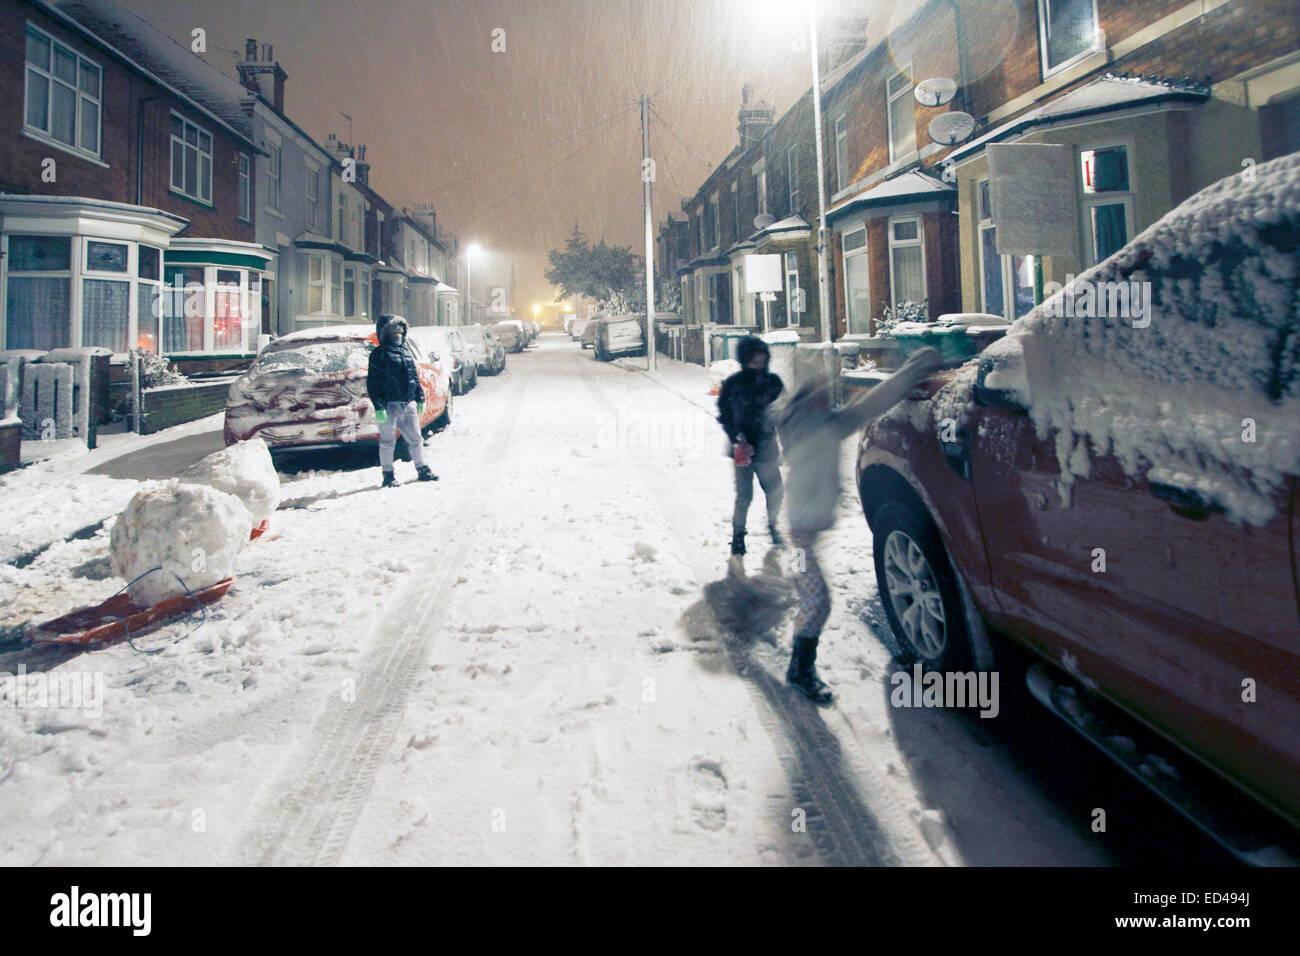 nottingham weather - photo #6